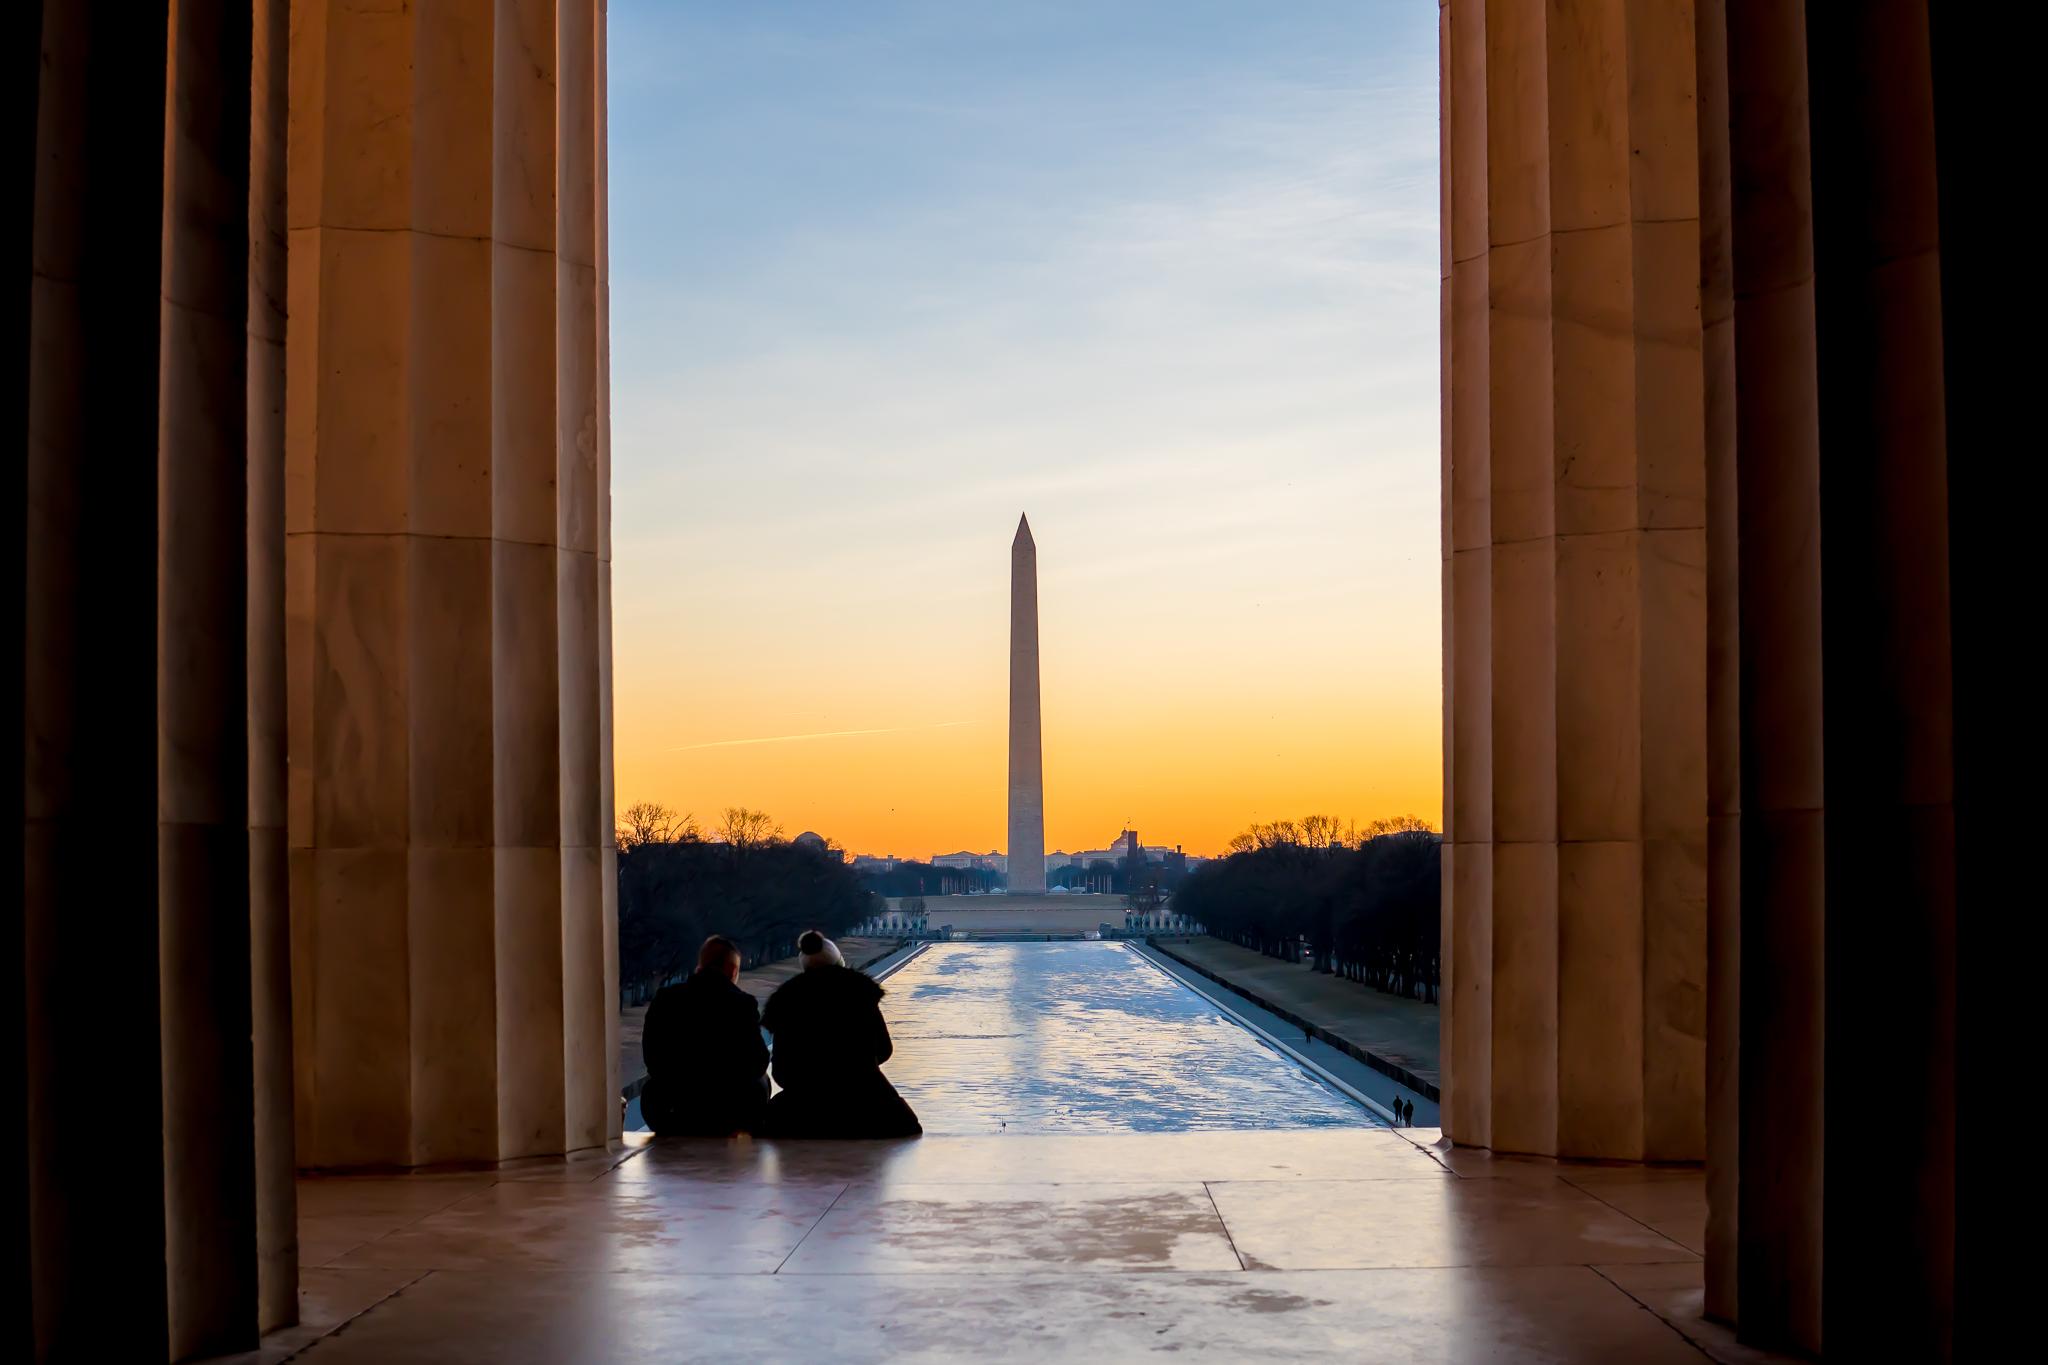 Washington DC | Washington Monument